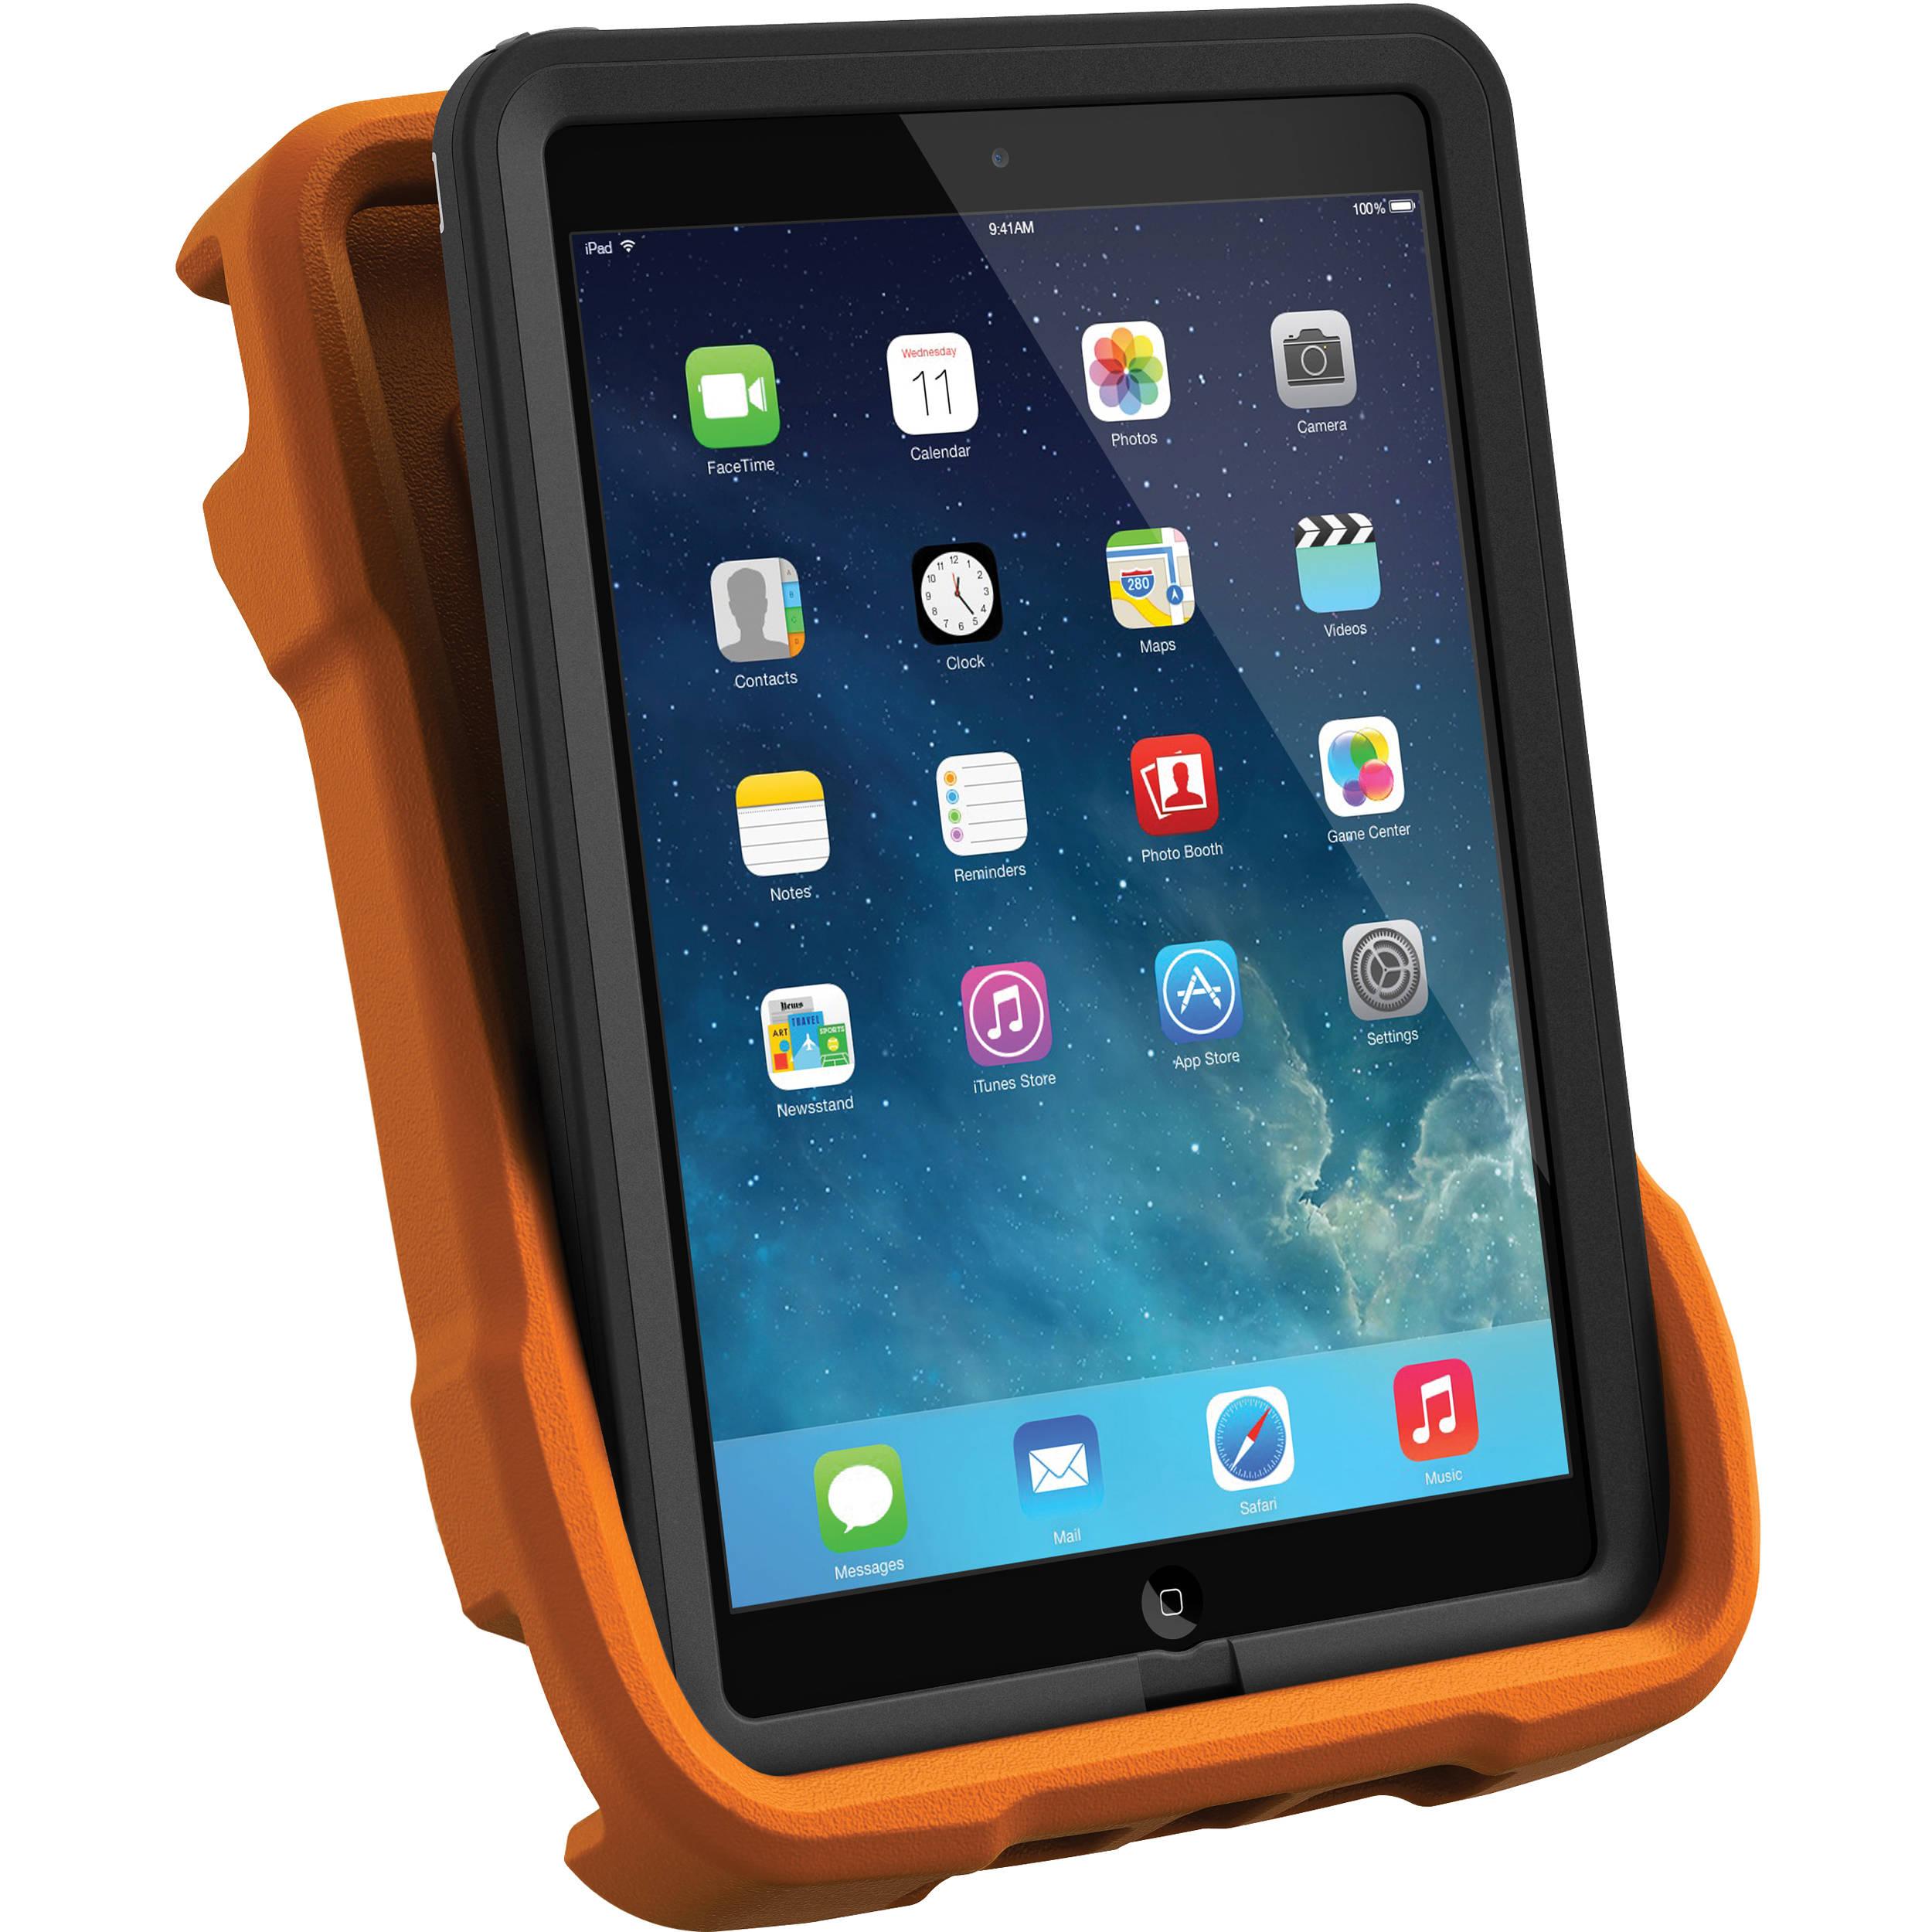 buy online 313ae 2e2fb LifeProof iPad Air nüüd & frē LifeJacket (Hi-Viz Orange)